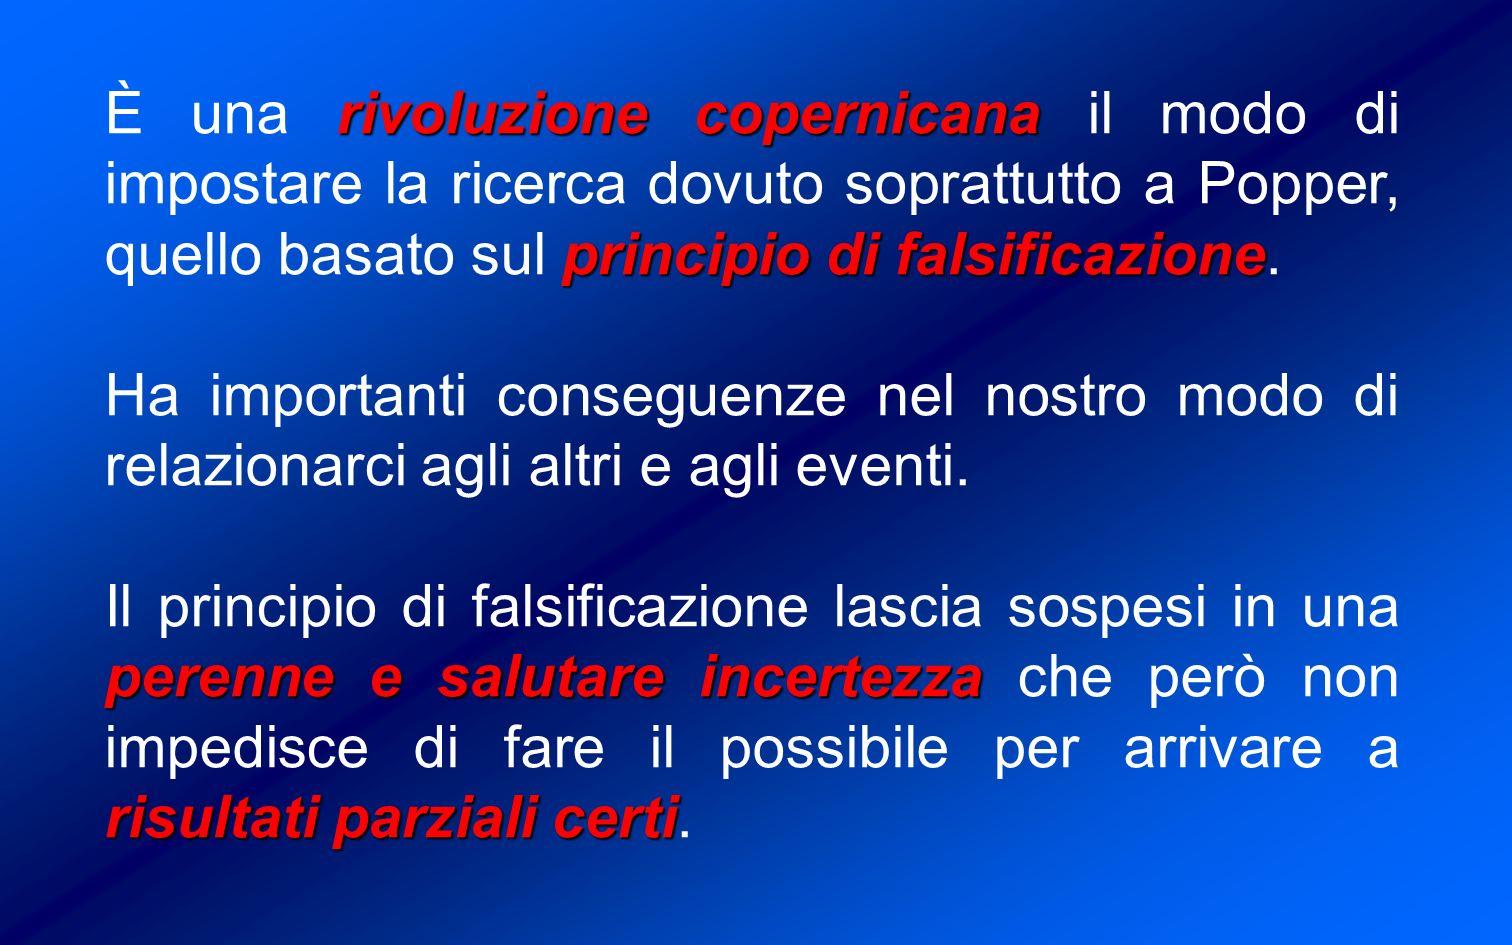 rivoluzione copernicana principio di falsificazione È una rivoluzione copernicana il modo di impostare la ricerca dovuto soprattutto a Popper, quello basato sul principio di falsificazione.